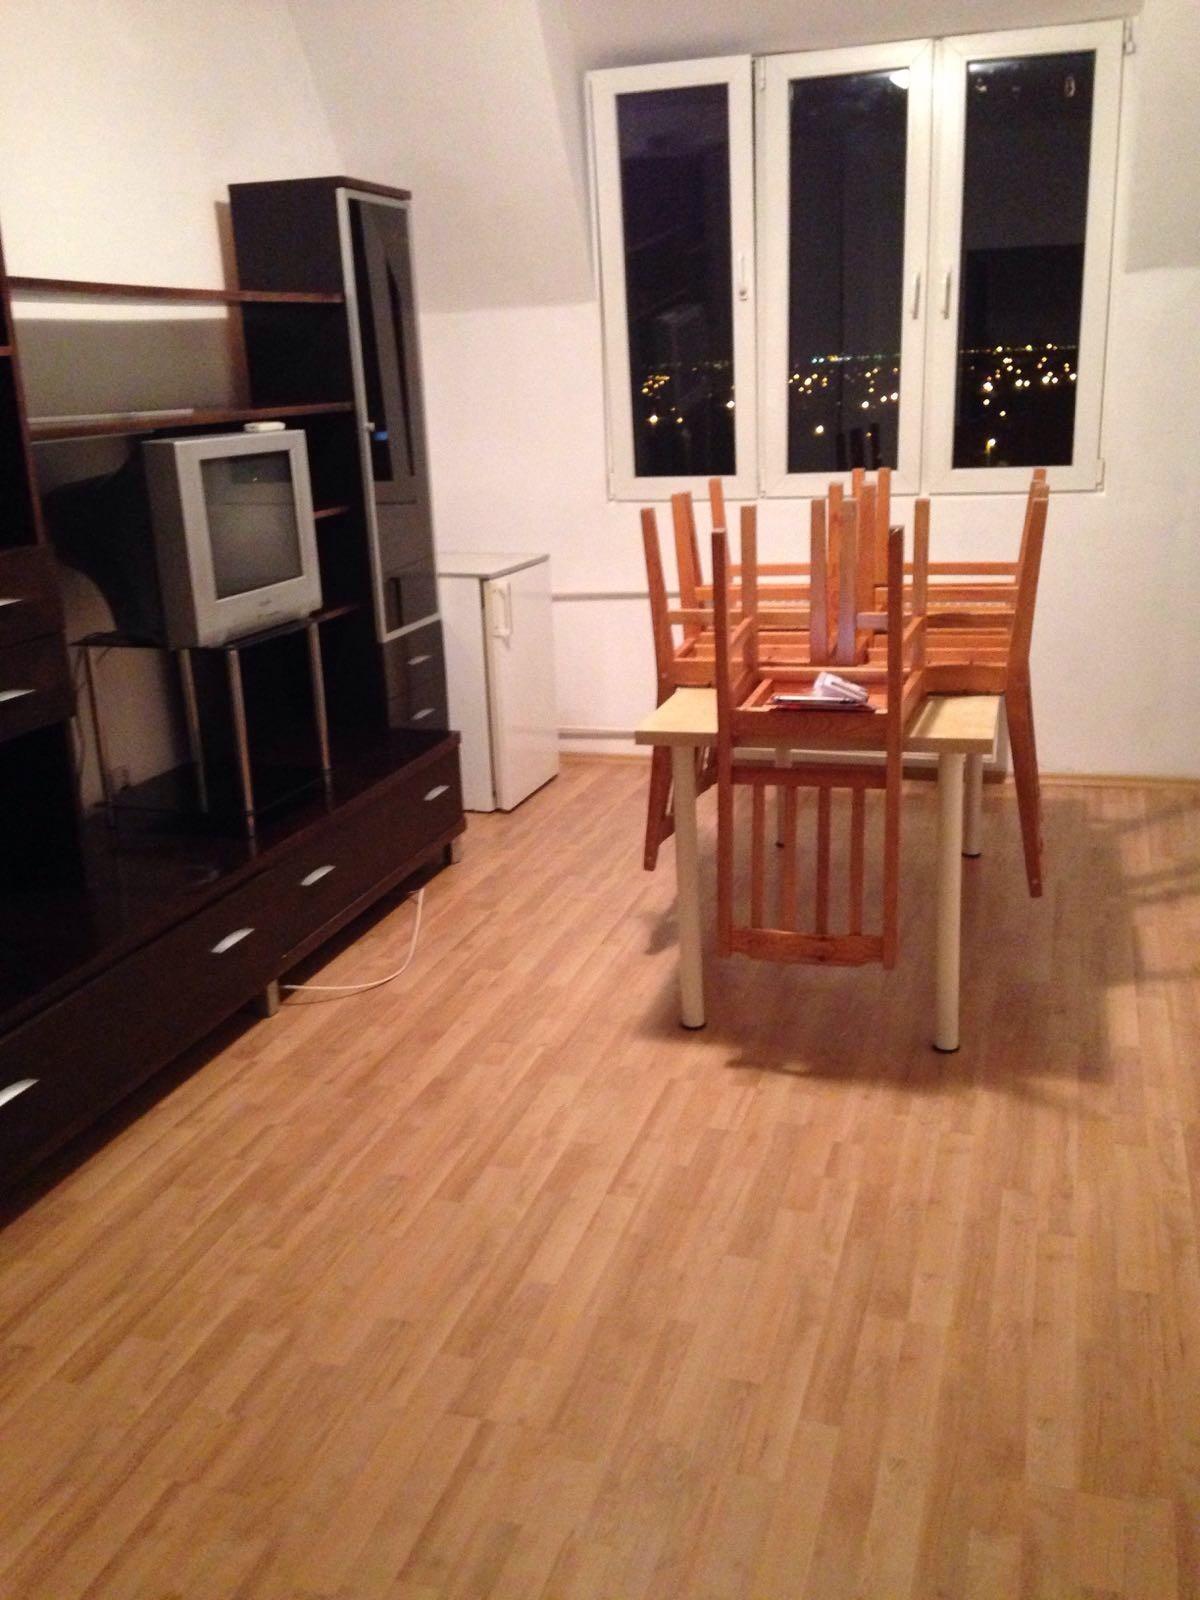 3-bedroom-apartment-bc637f0609ecfa728cd4318544f7b99c